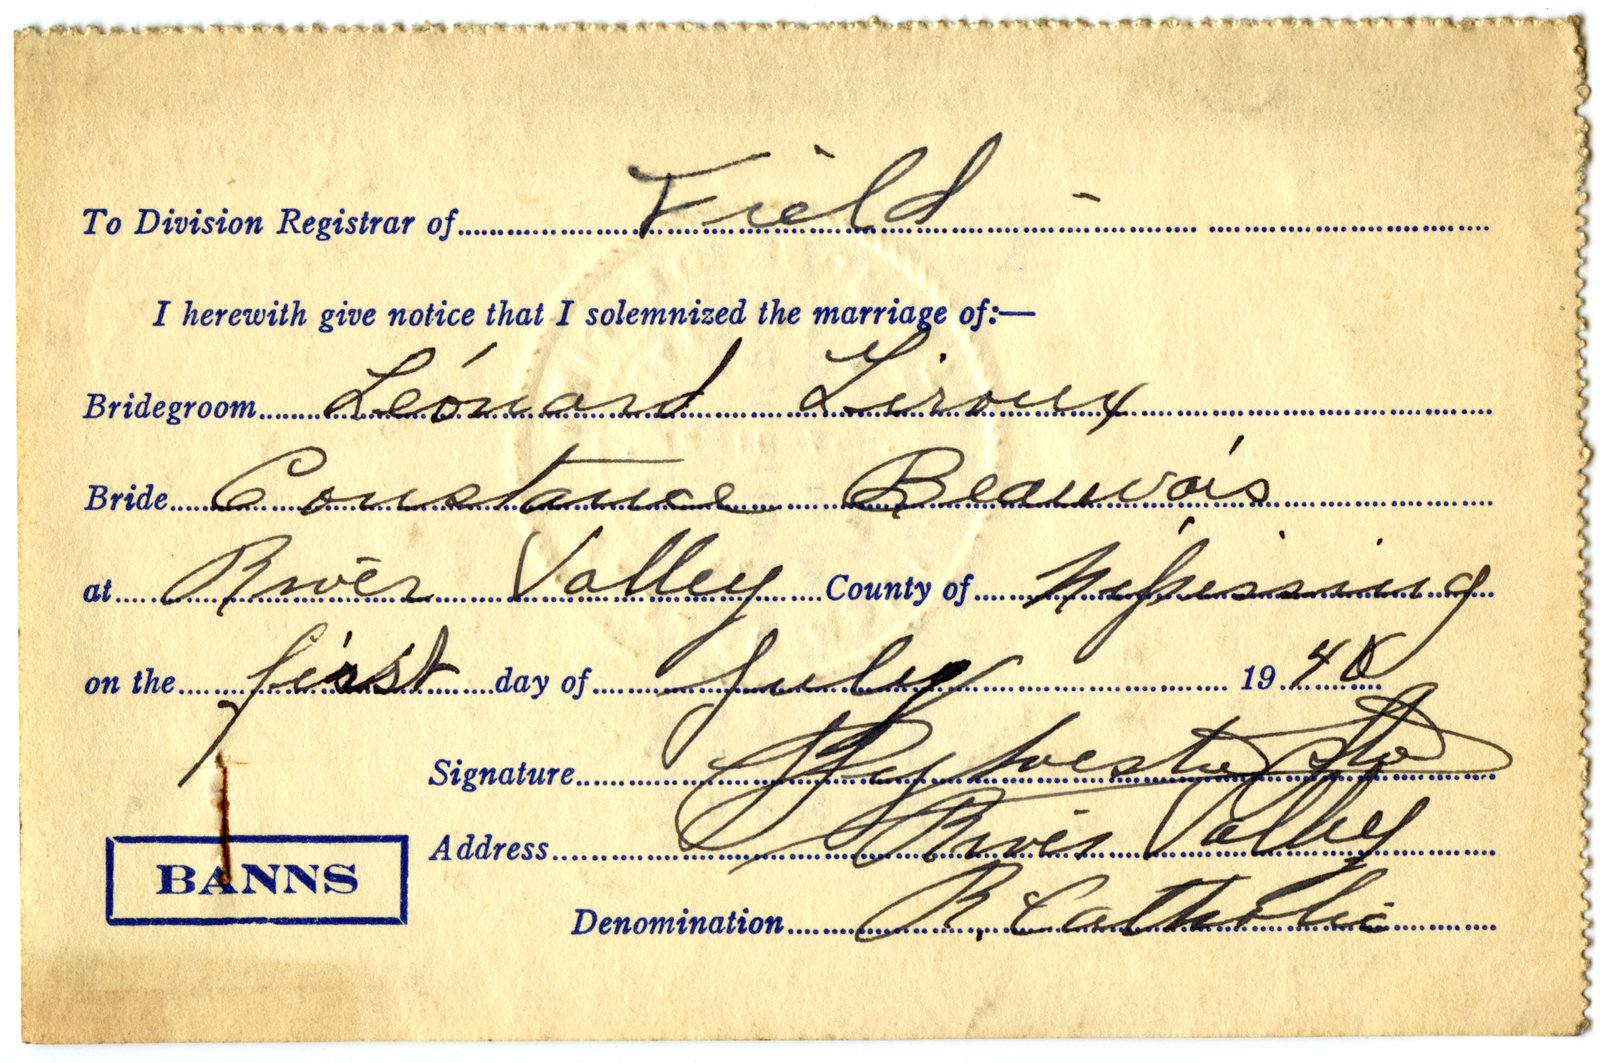 Certificat de mariage de / Marriage certificate of Léonard Giroux & Constance Beauvais